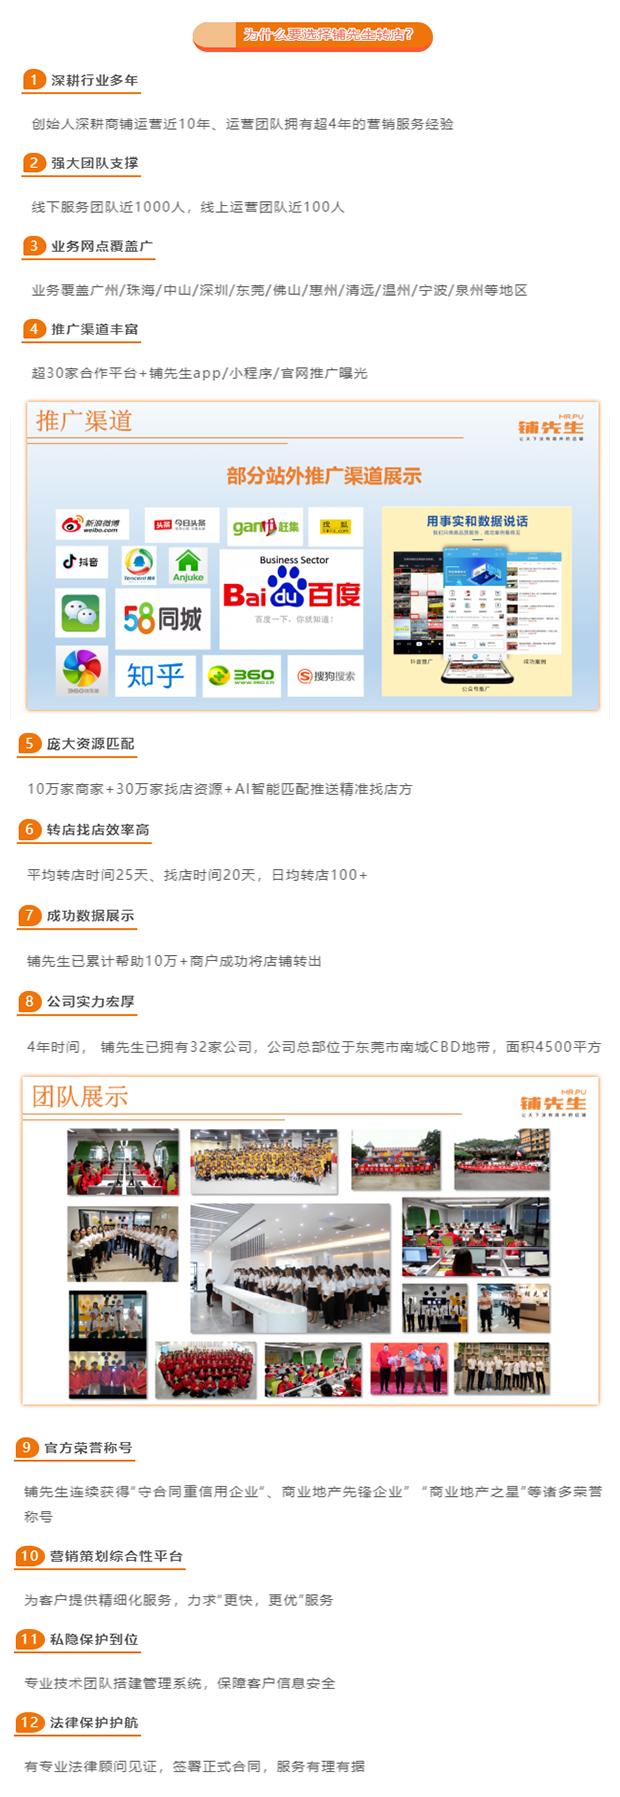 店铺转让案例分享:中山市大涌镇40㎡冷饮店成功转让